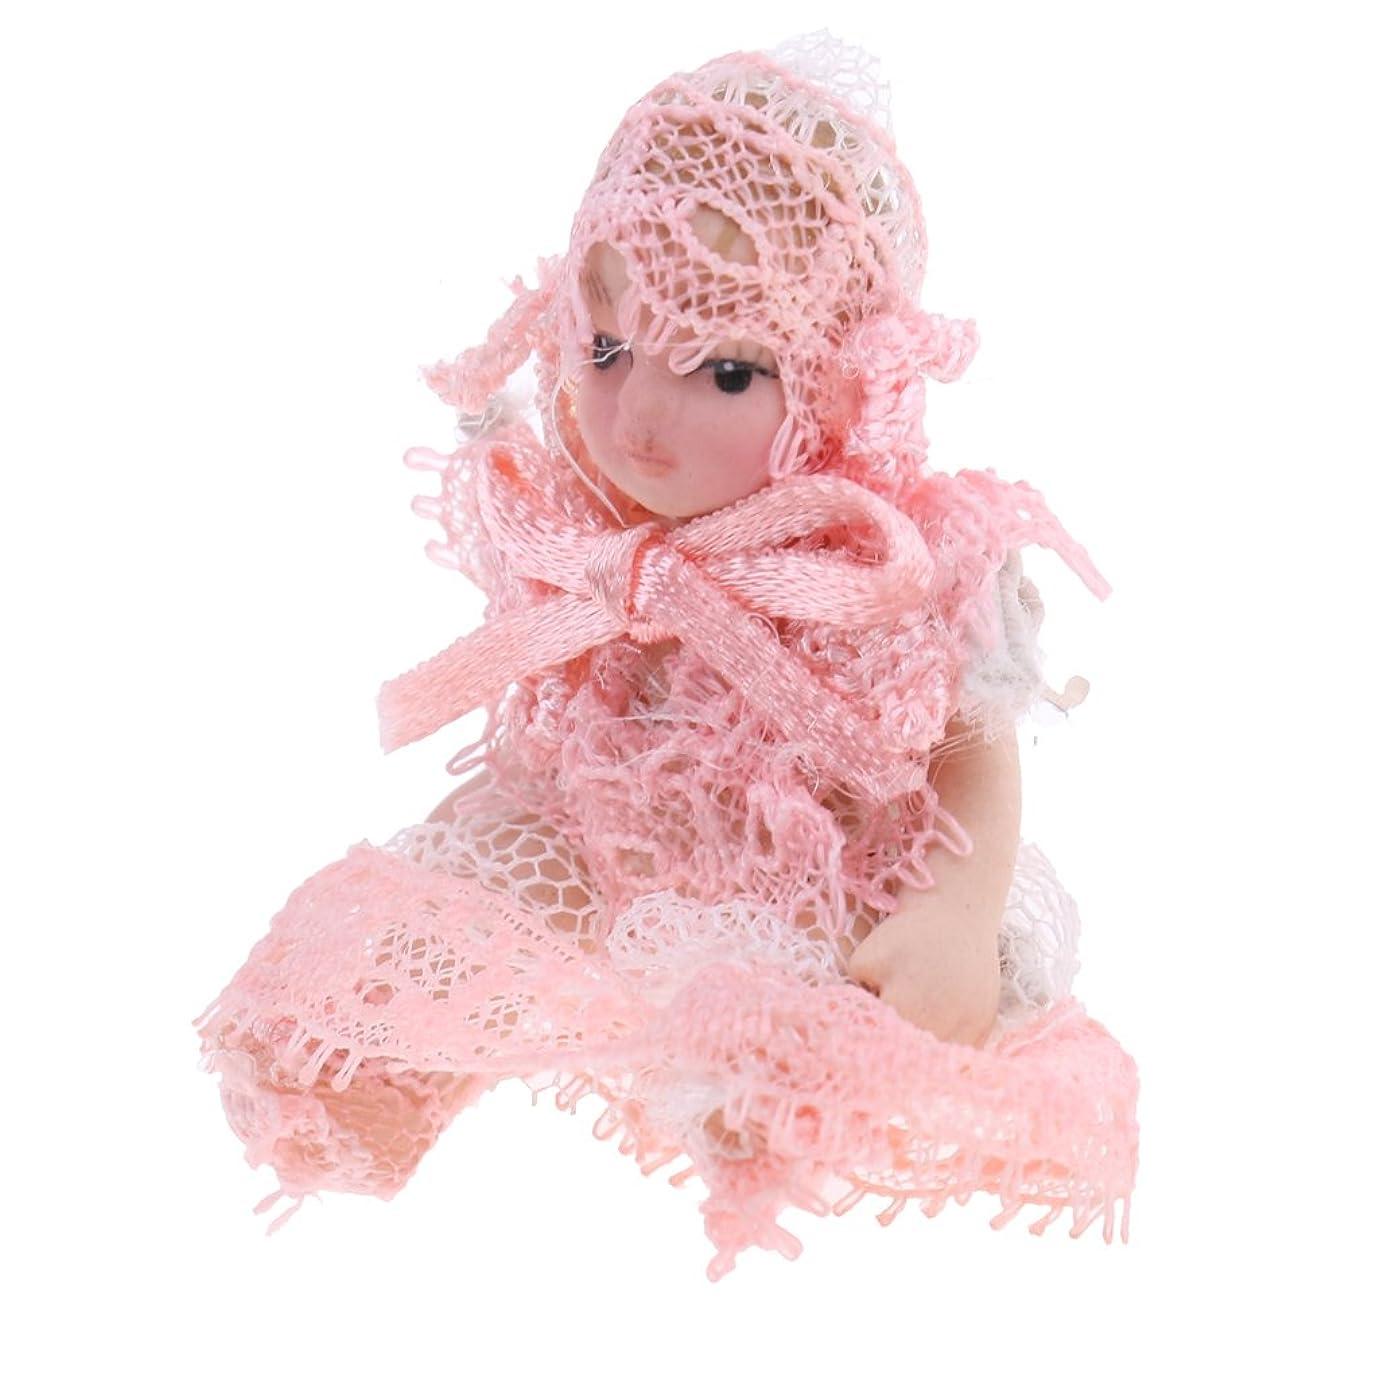 メルボルンホラー救急車赤ちゃん 子供人形 磁器 ドレス 1/12スケール ミニチュア ドールハウス 装飾 アクセサリー